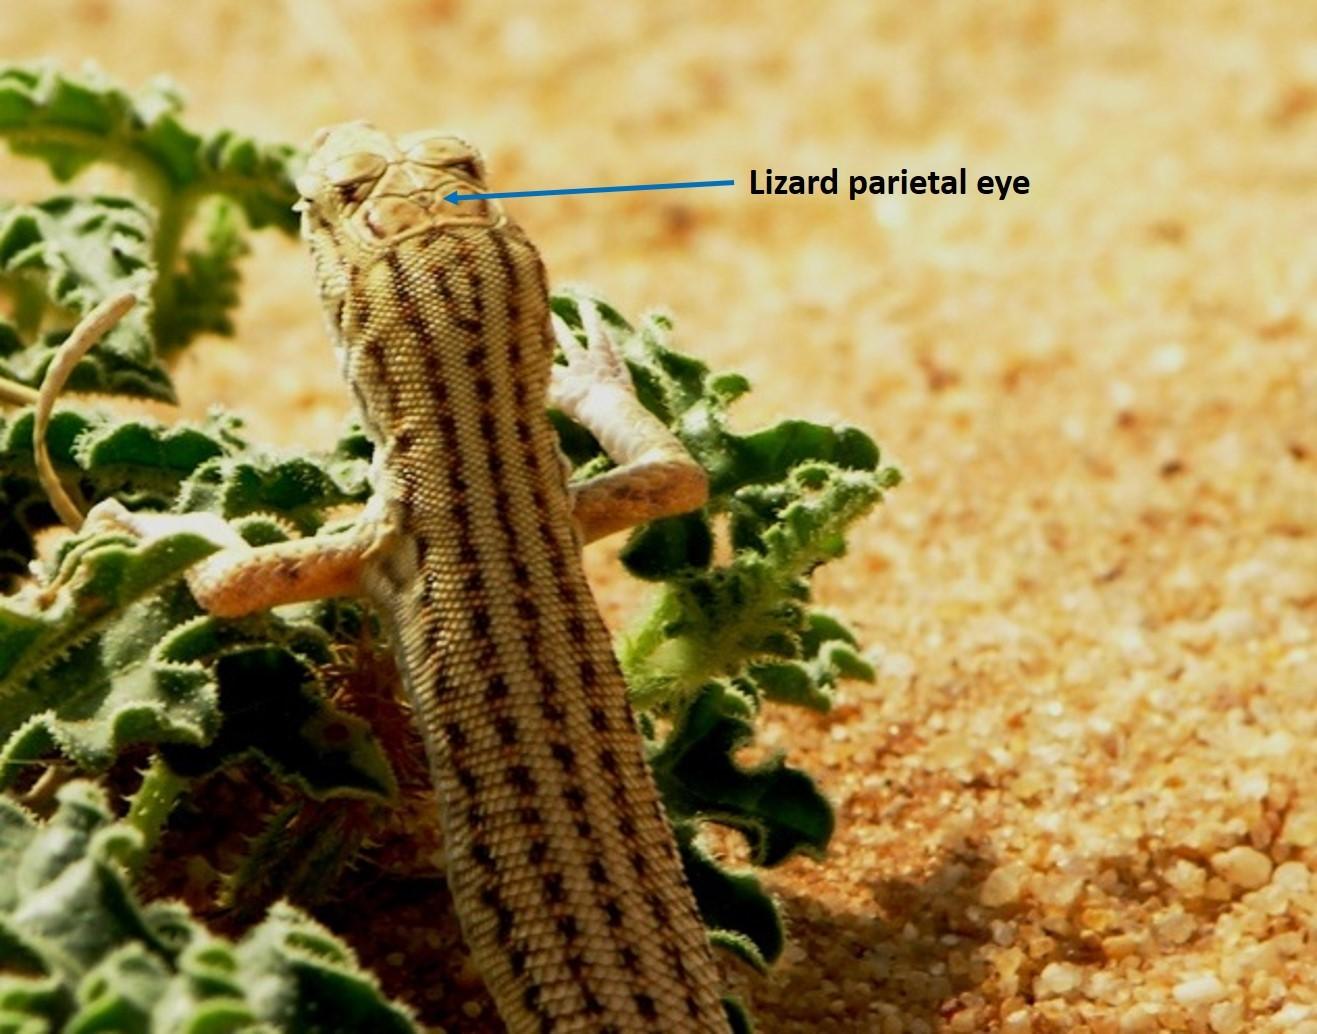 Parietal Eye - Saudi Lizard